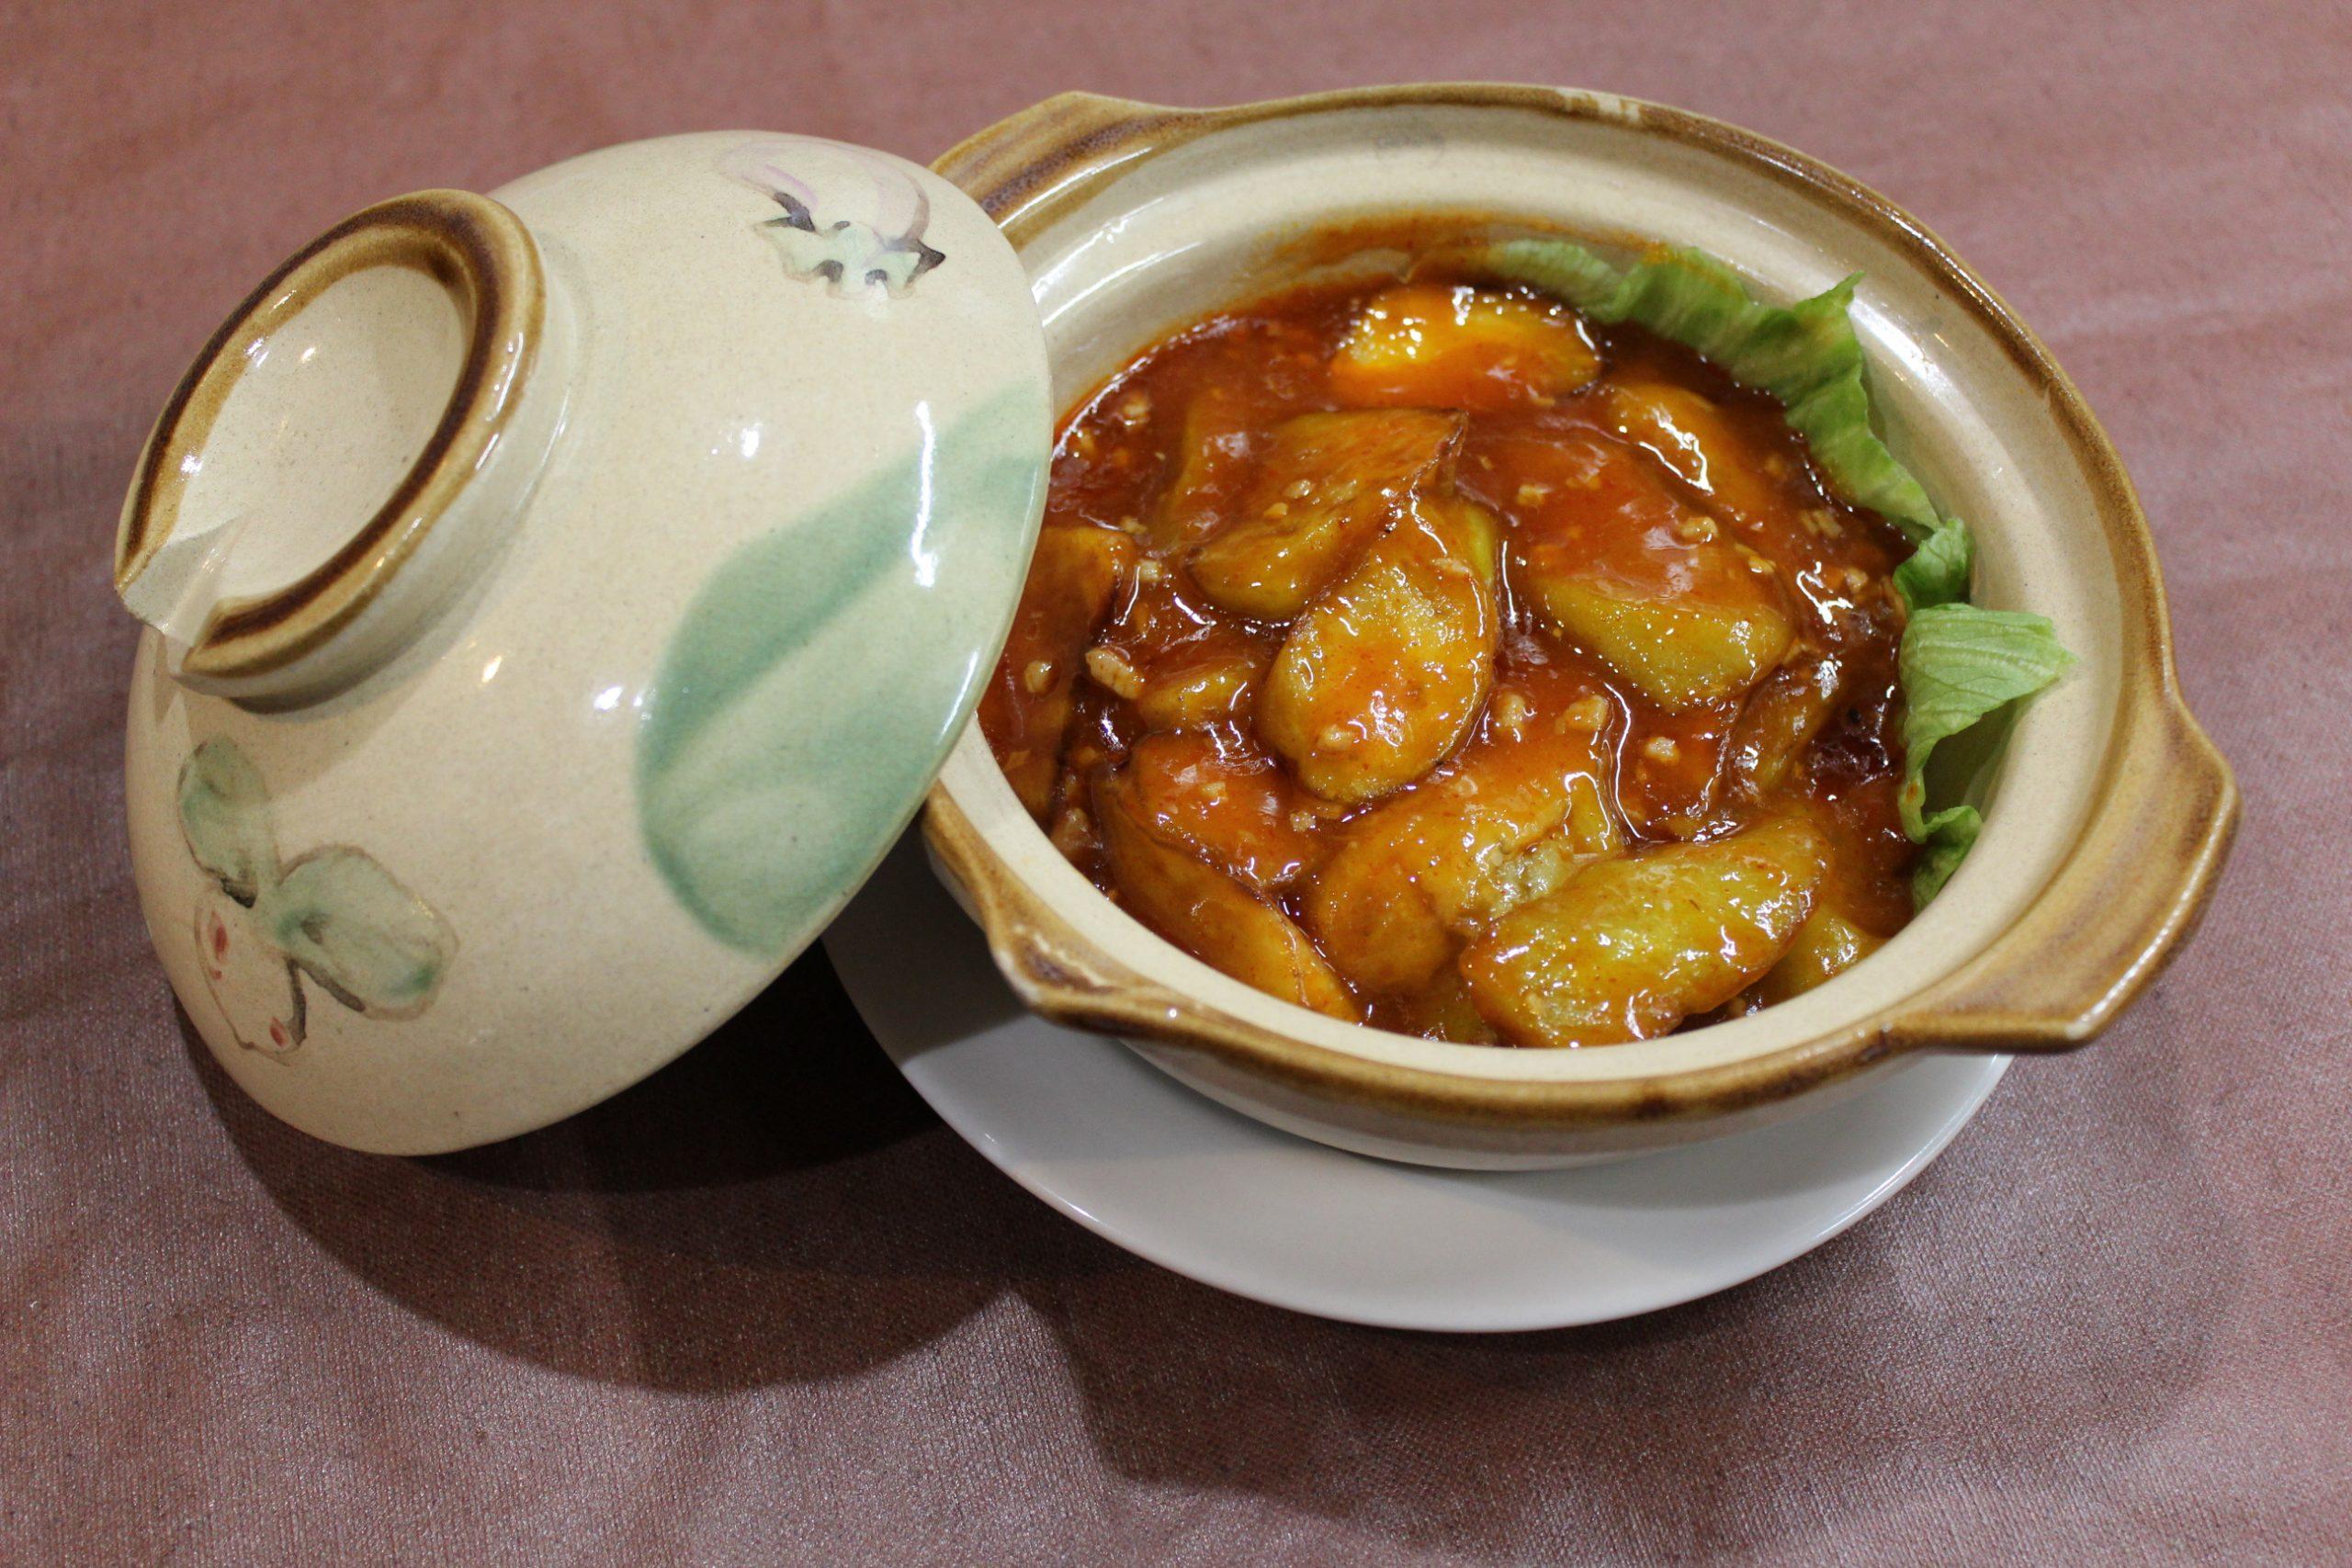 【魚香茄堡】ナスの土鍋煮込み